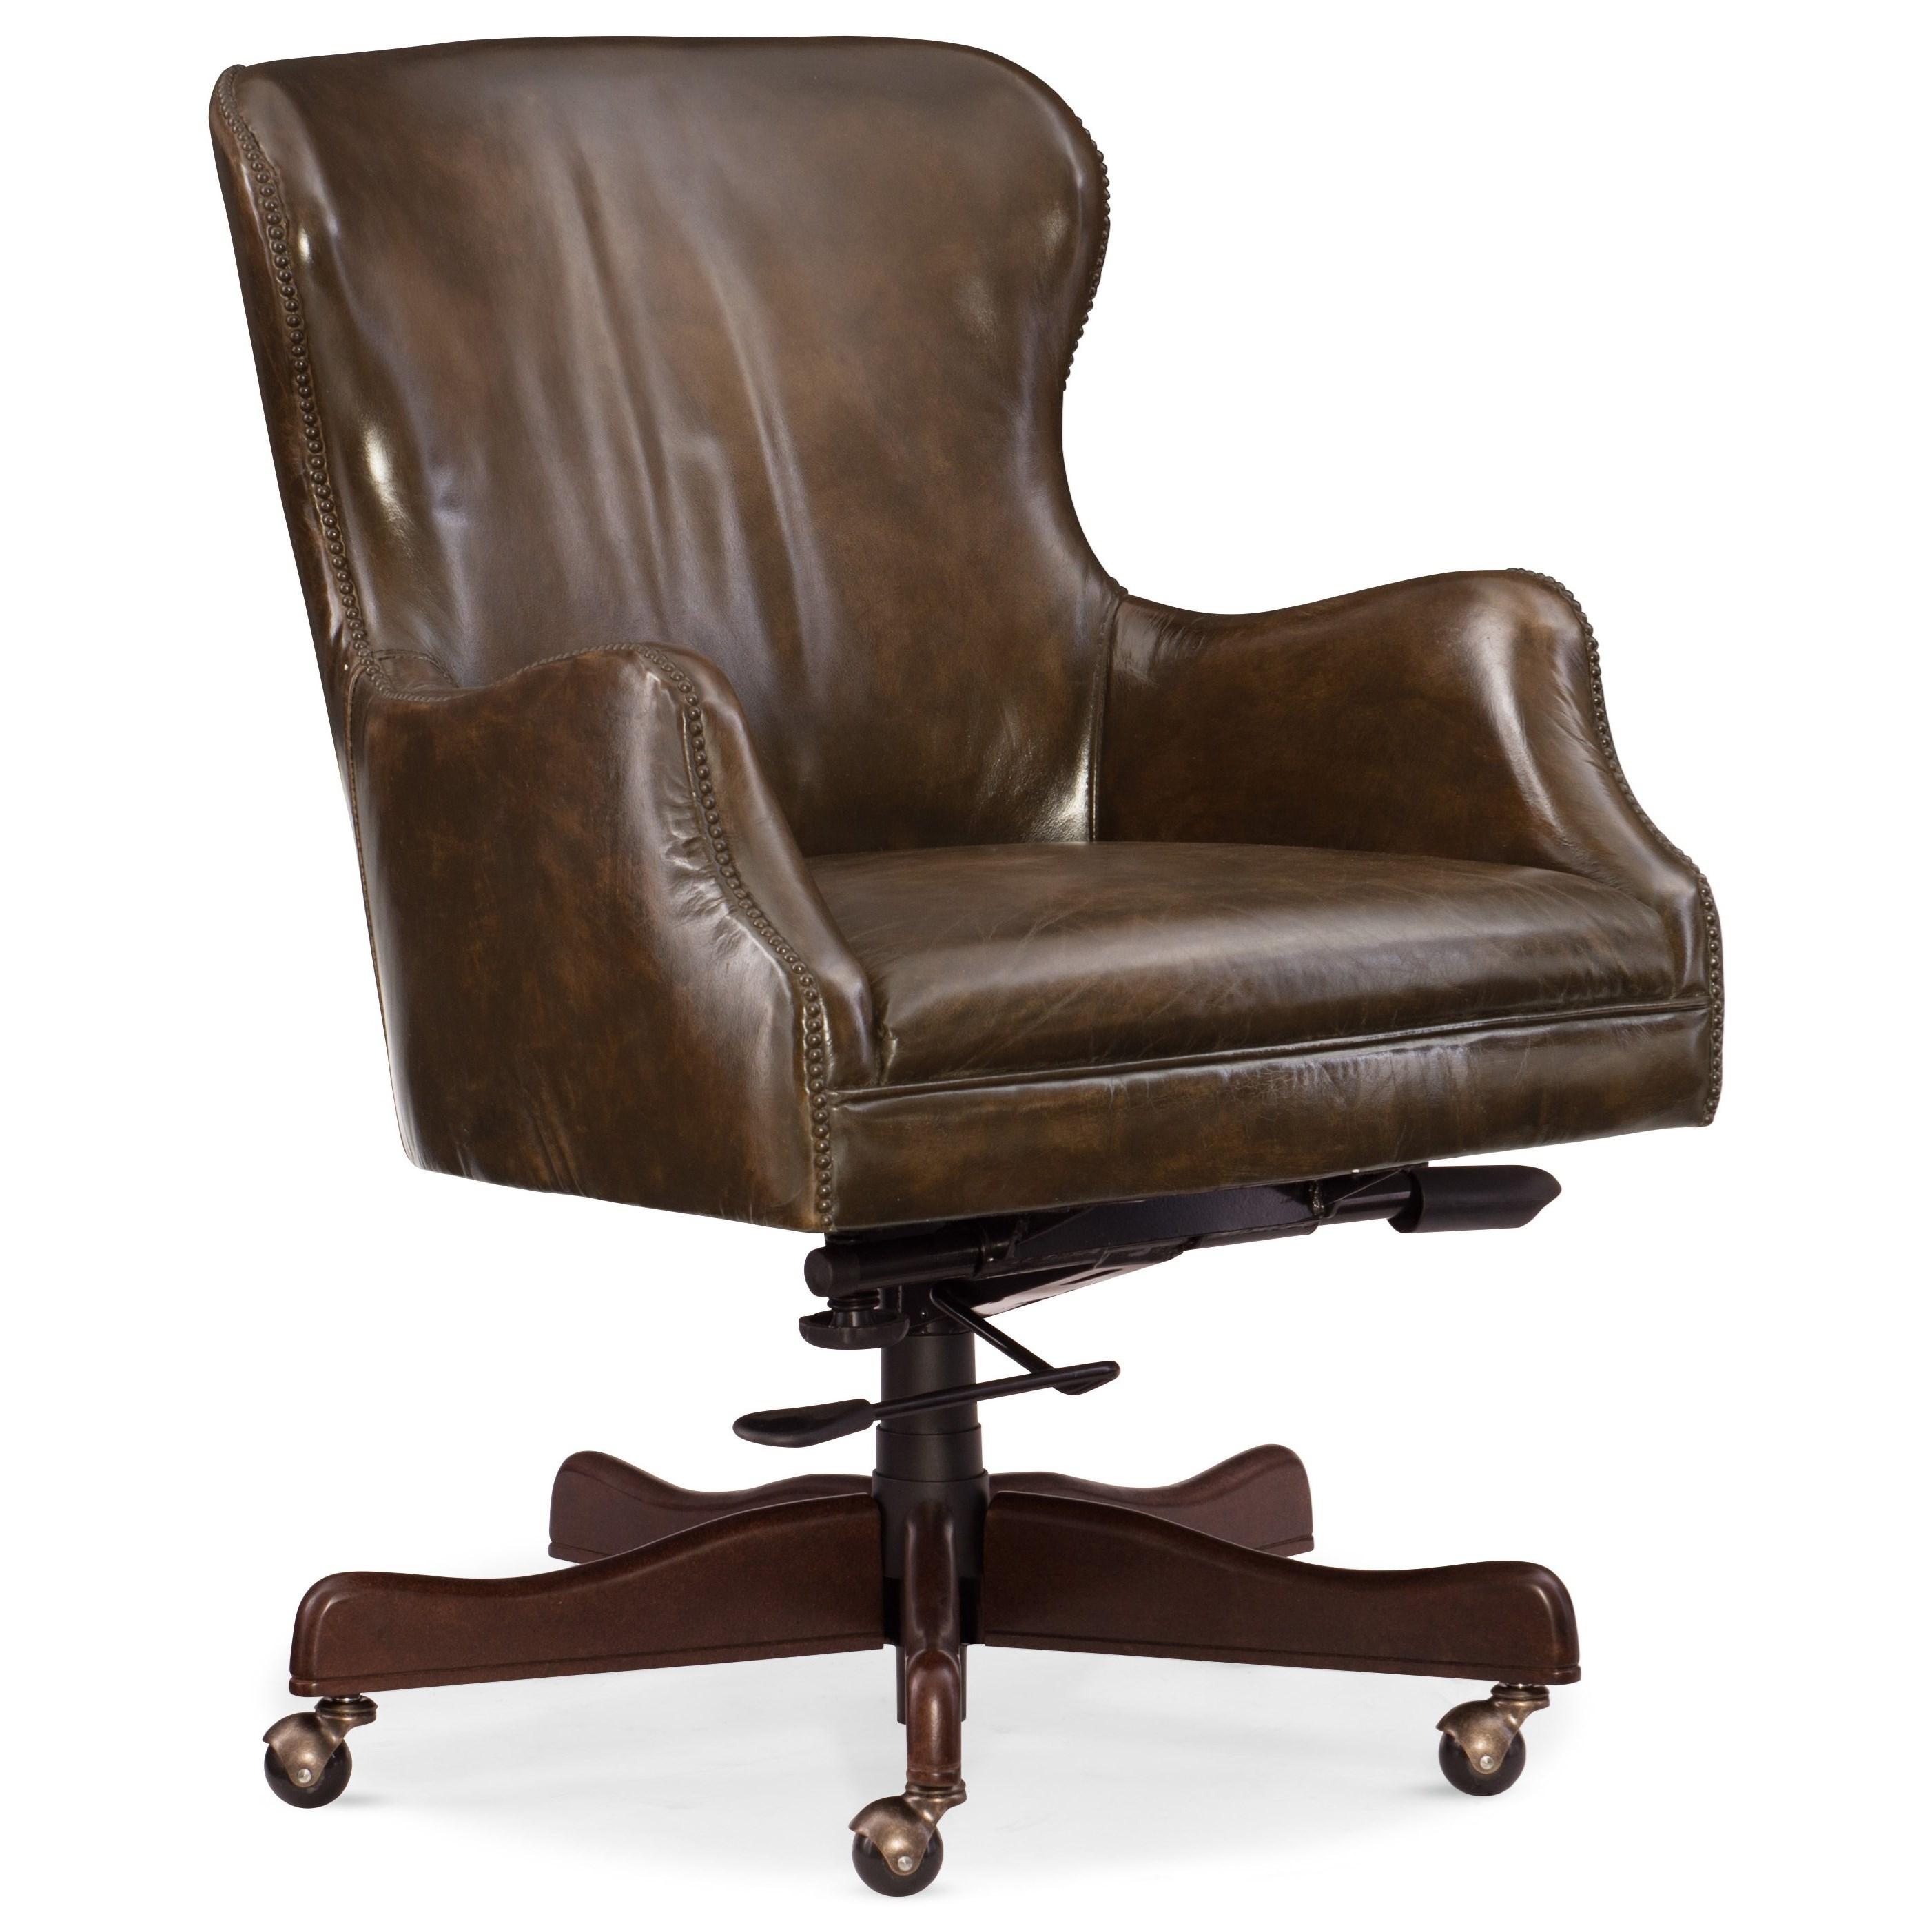 Caleb home office chair